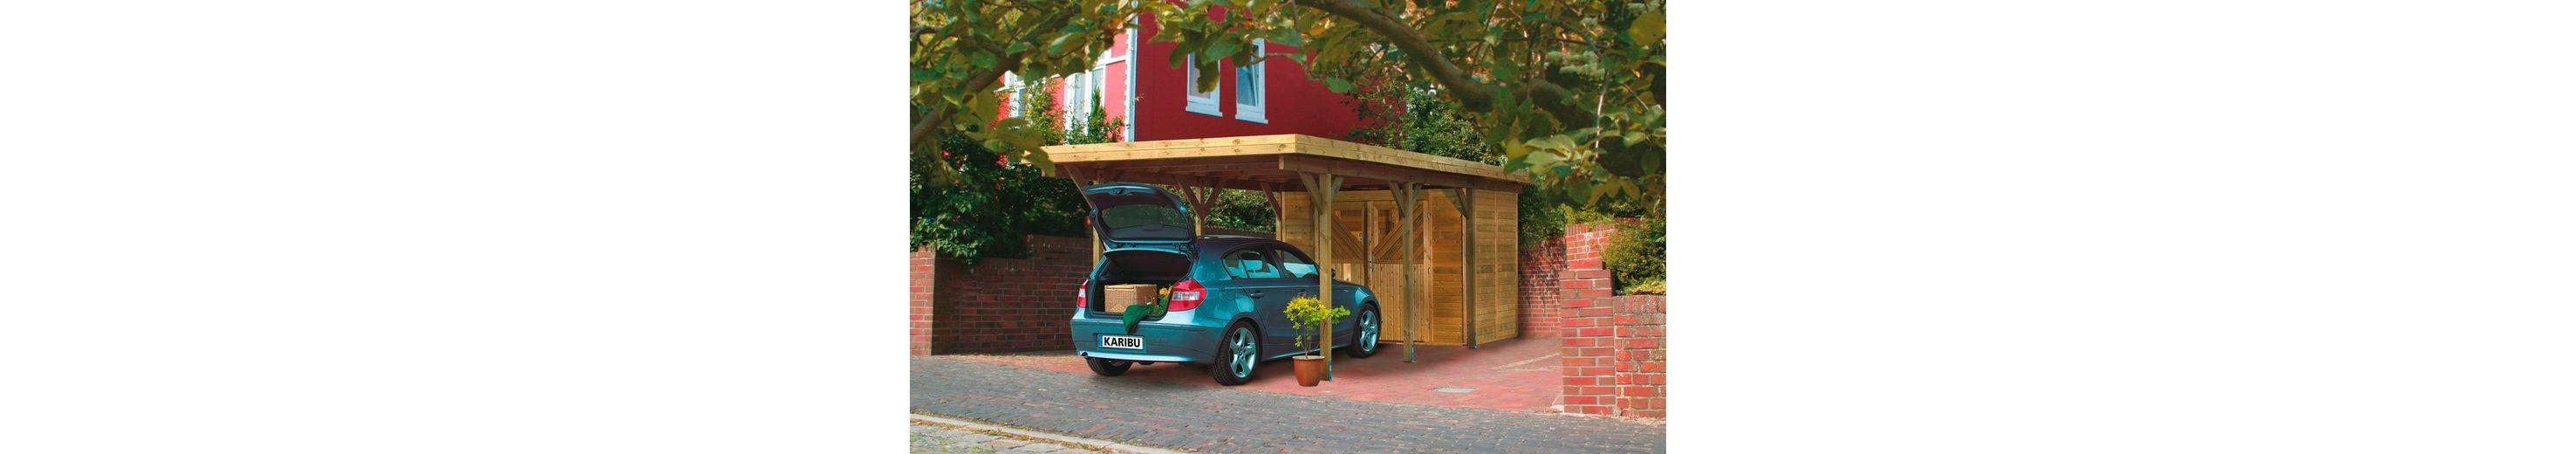 Set: Einzelcarport »Einzelcarport Classic 2«, PVC-Dacheindeckung, inkl. Seiten-und Rückwand